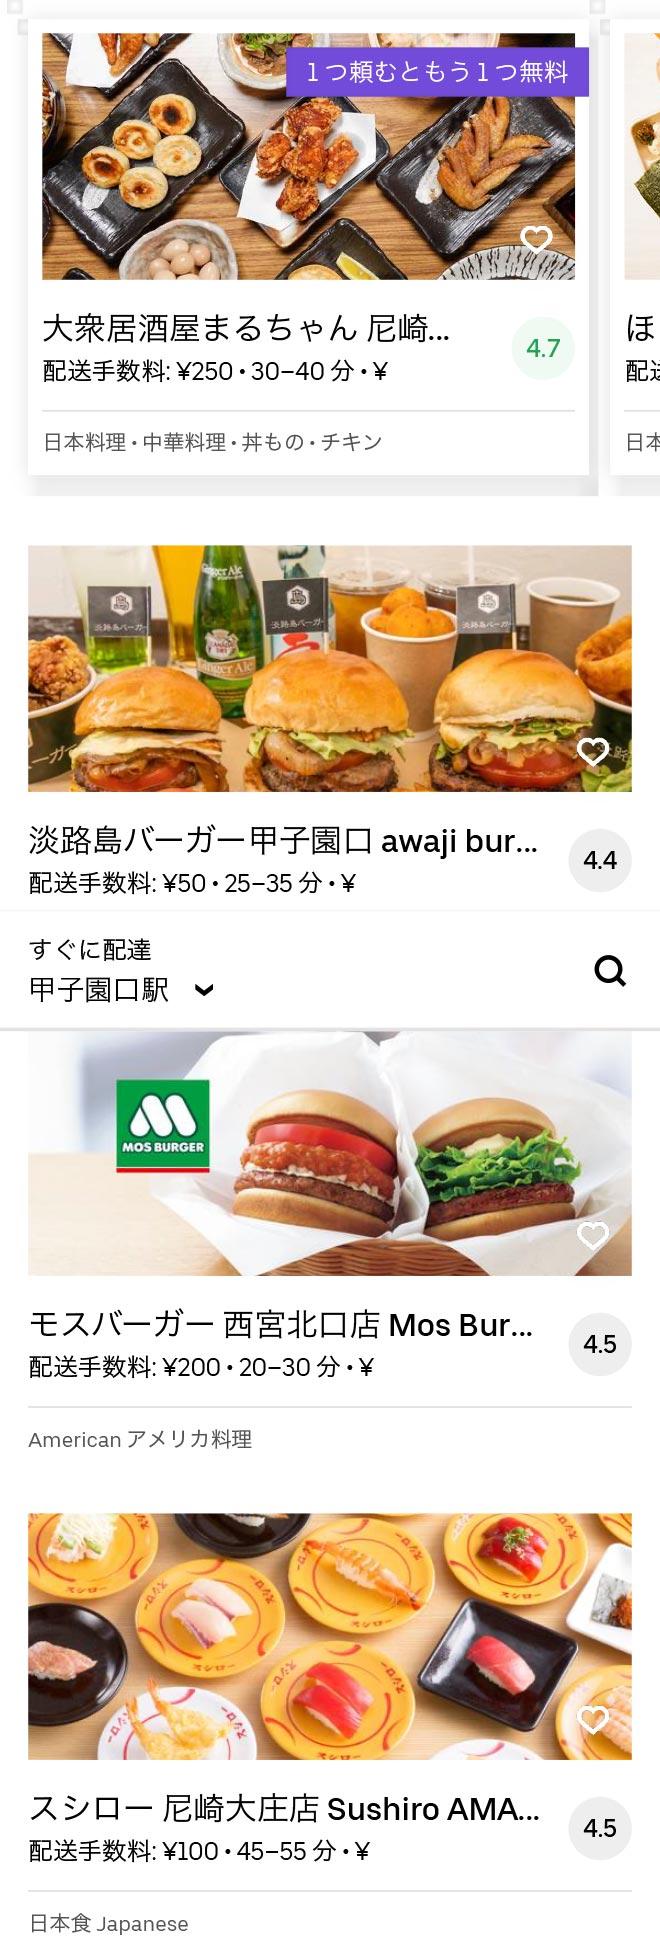 Nishinomiya koshien menu 2005 02